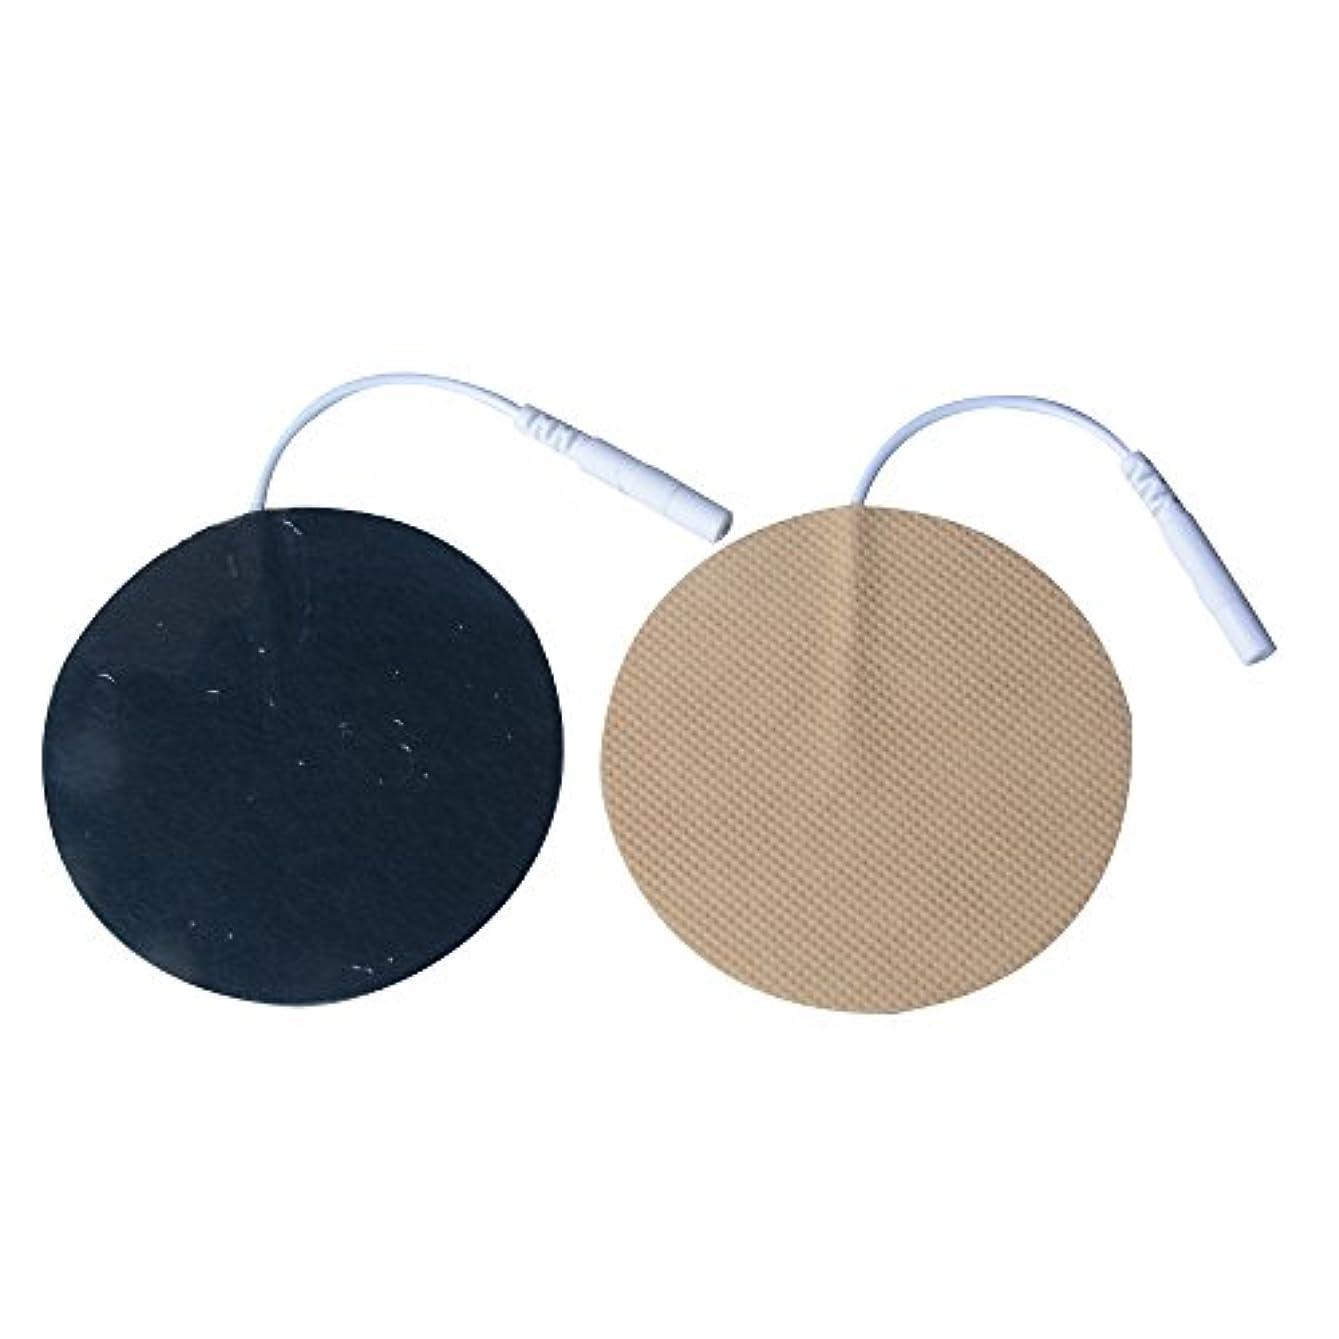 こしょう毒液銀アクセルガード【EMS/TENS用粘着パッド】低周波用 電極パッド 粘着パッド 丸型 直径 7 cm 10ペア/20枚入り